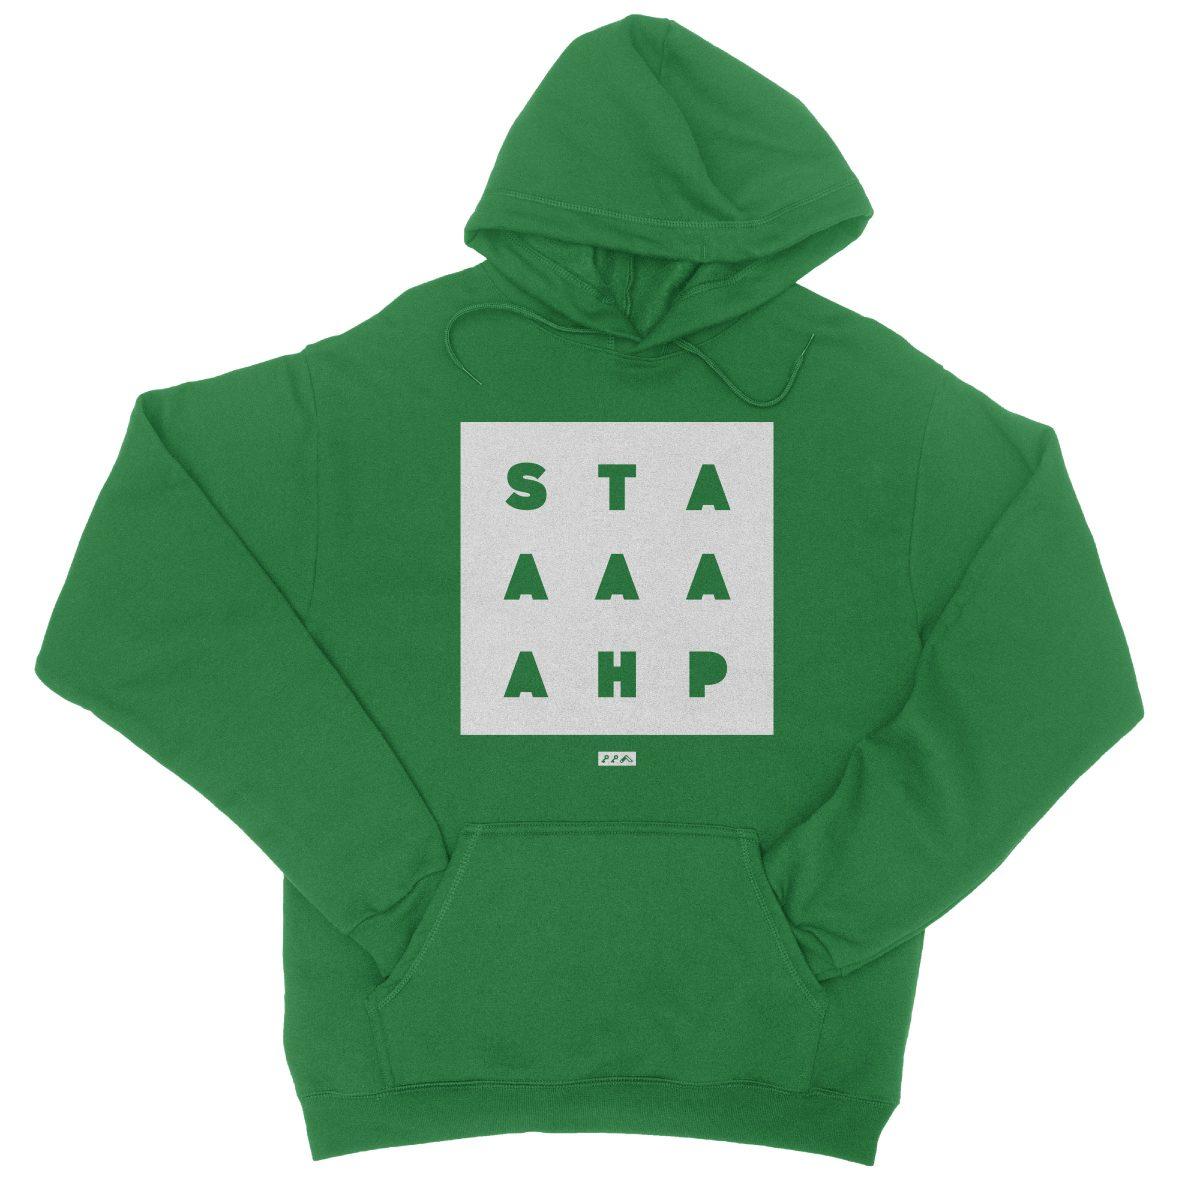 """""""STAAAAAHP"""" funny philly slang hoodie sweatshirt in green"""